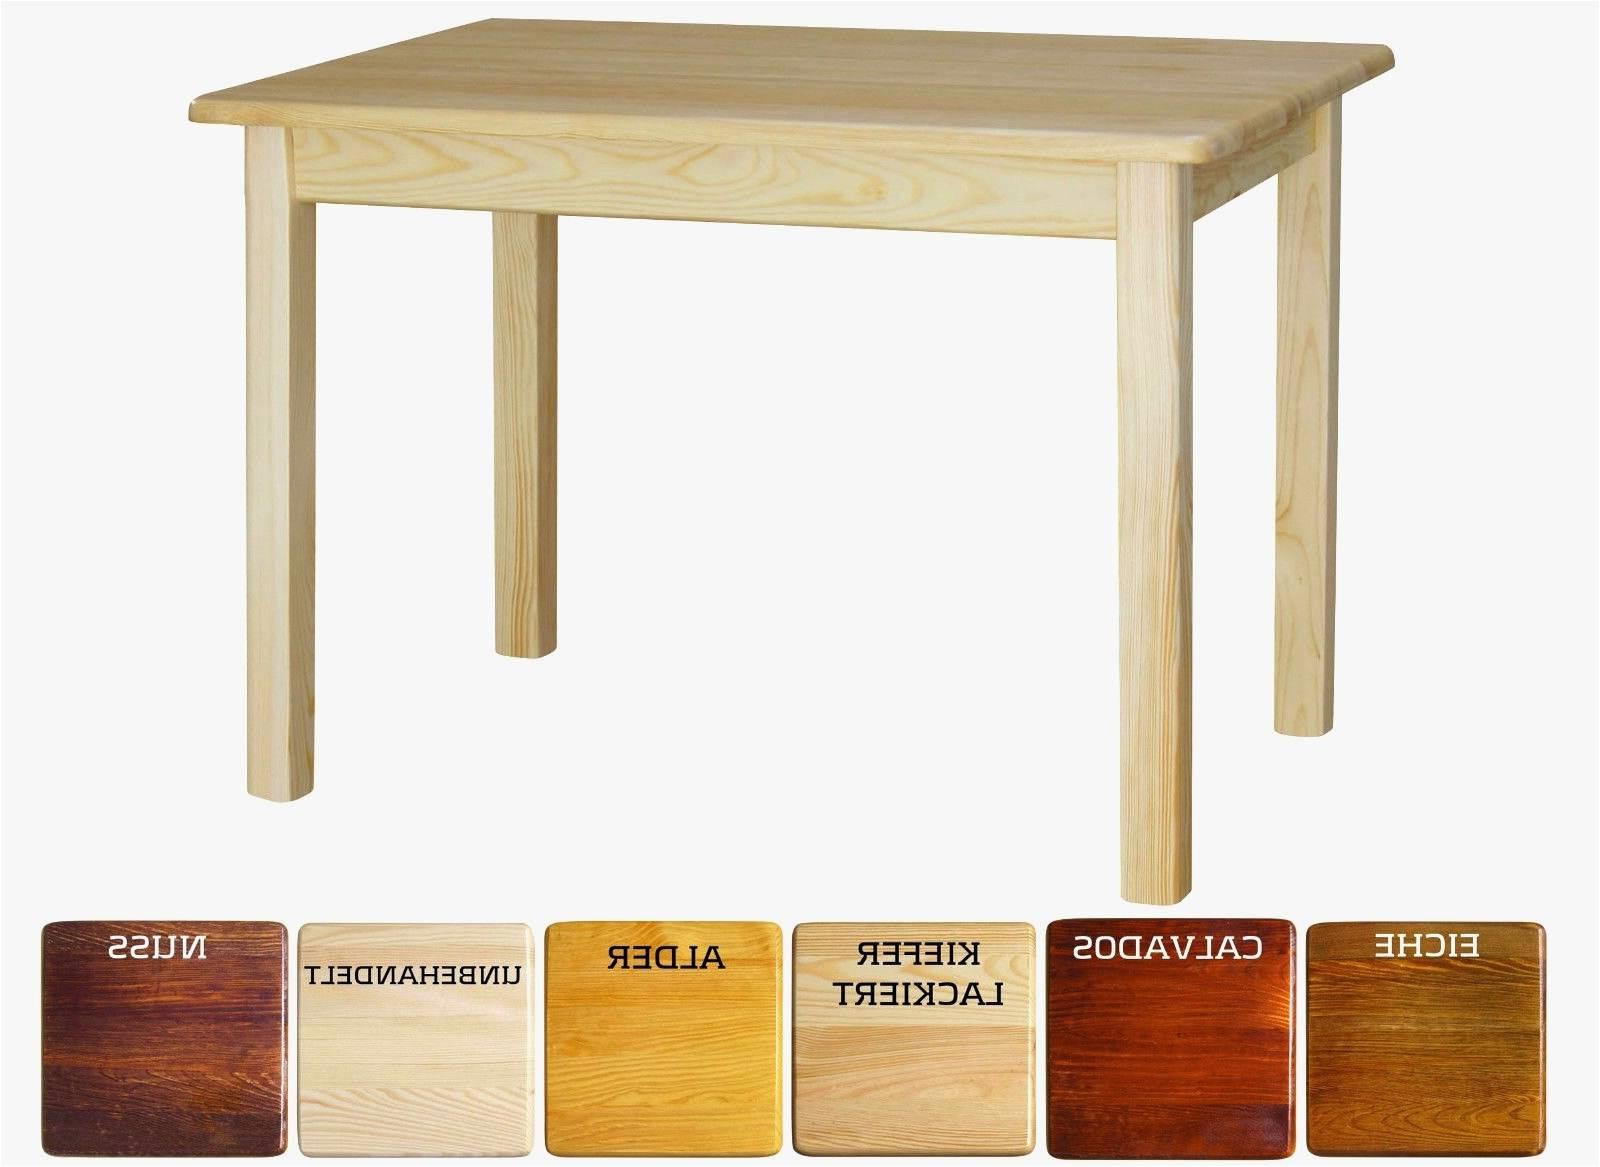 Küchentisch Klein Ausziehbar Ikea Ikea Esstisch Ausziehbar Weiß